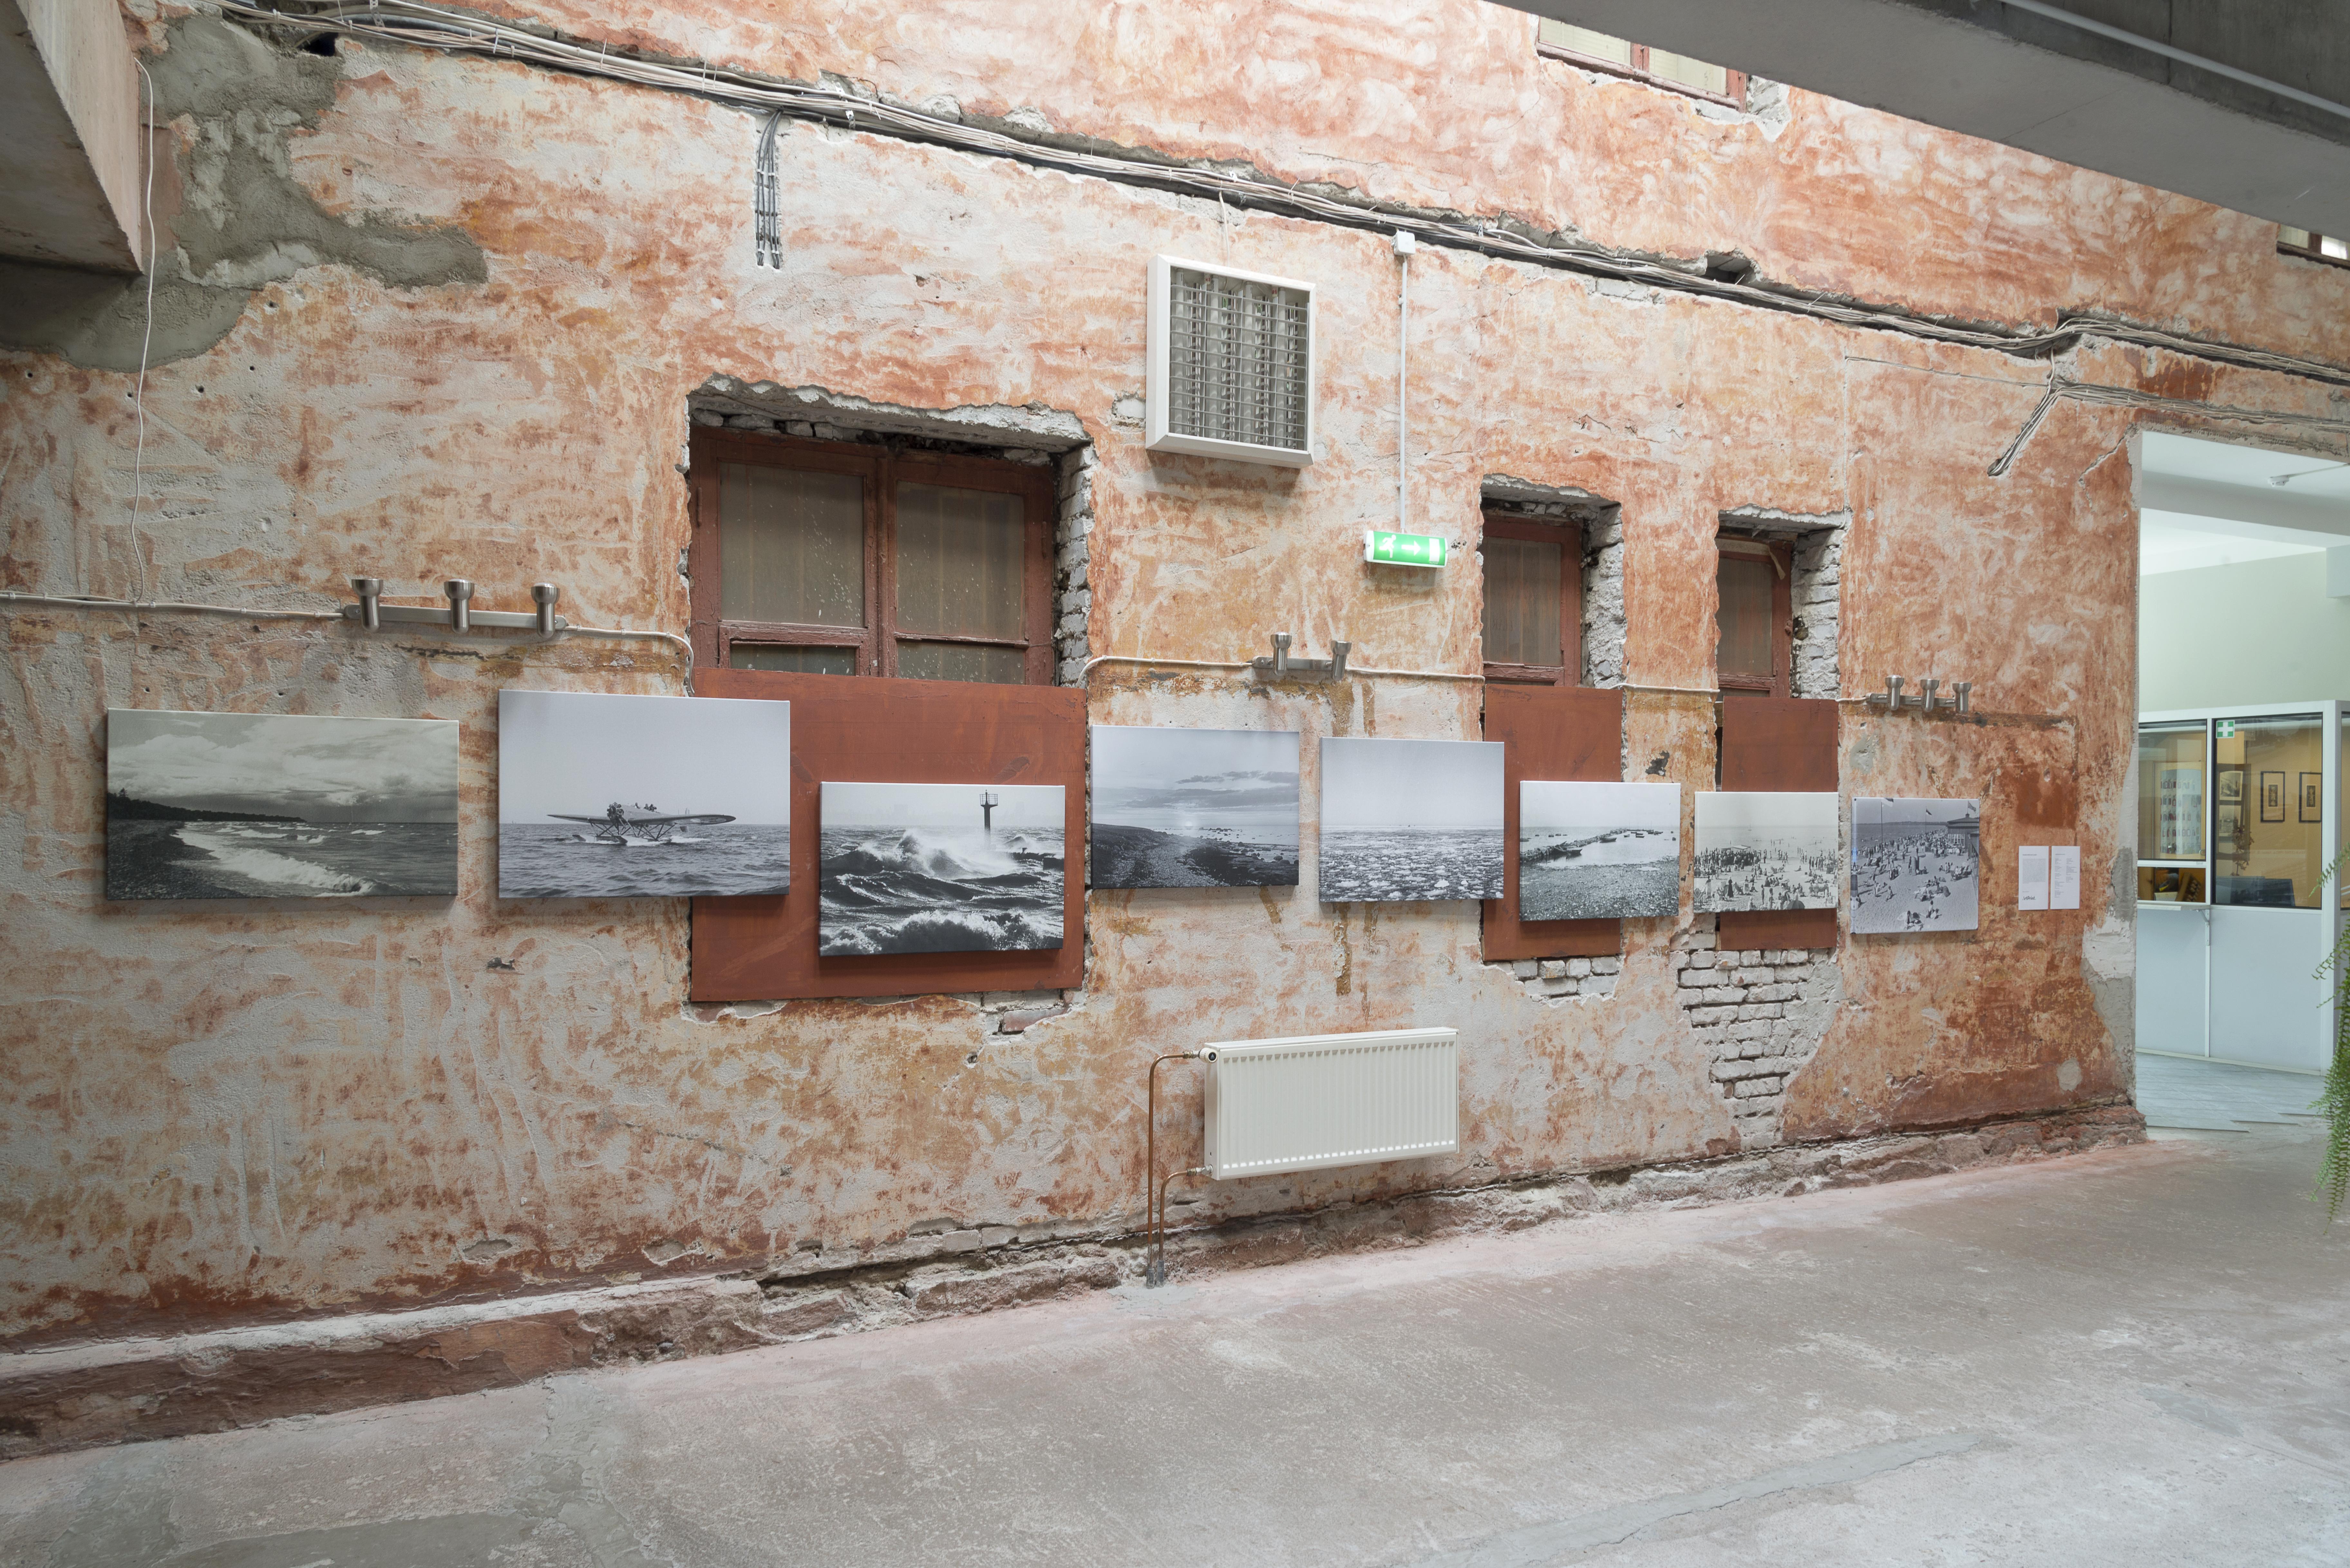 Rahvusarhiivi filmiarhiivi fuajees on avatud näitus, mis käsitleb kaamera suunamist mere poole. _DSC0023